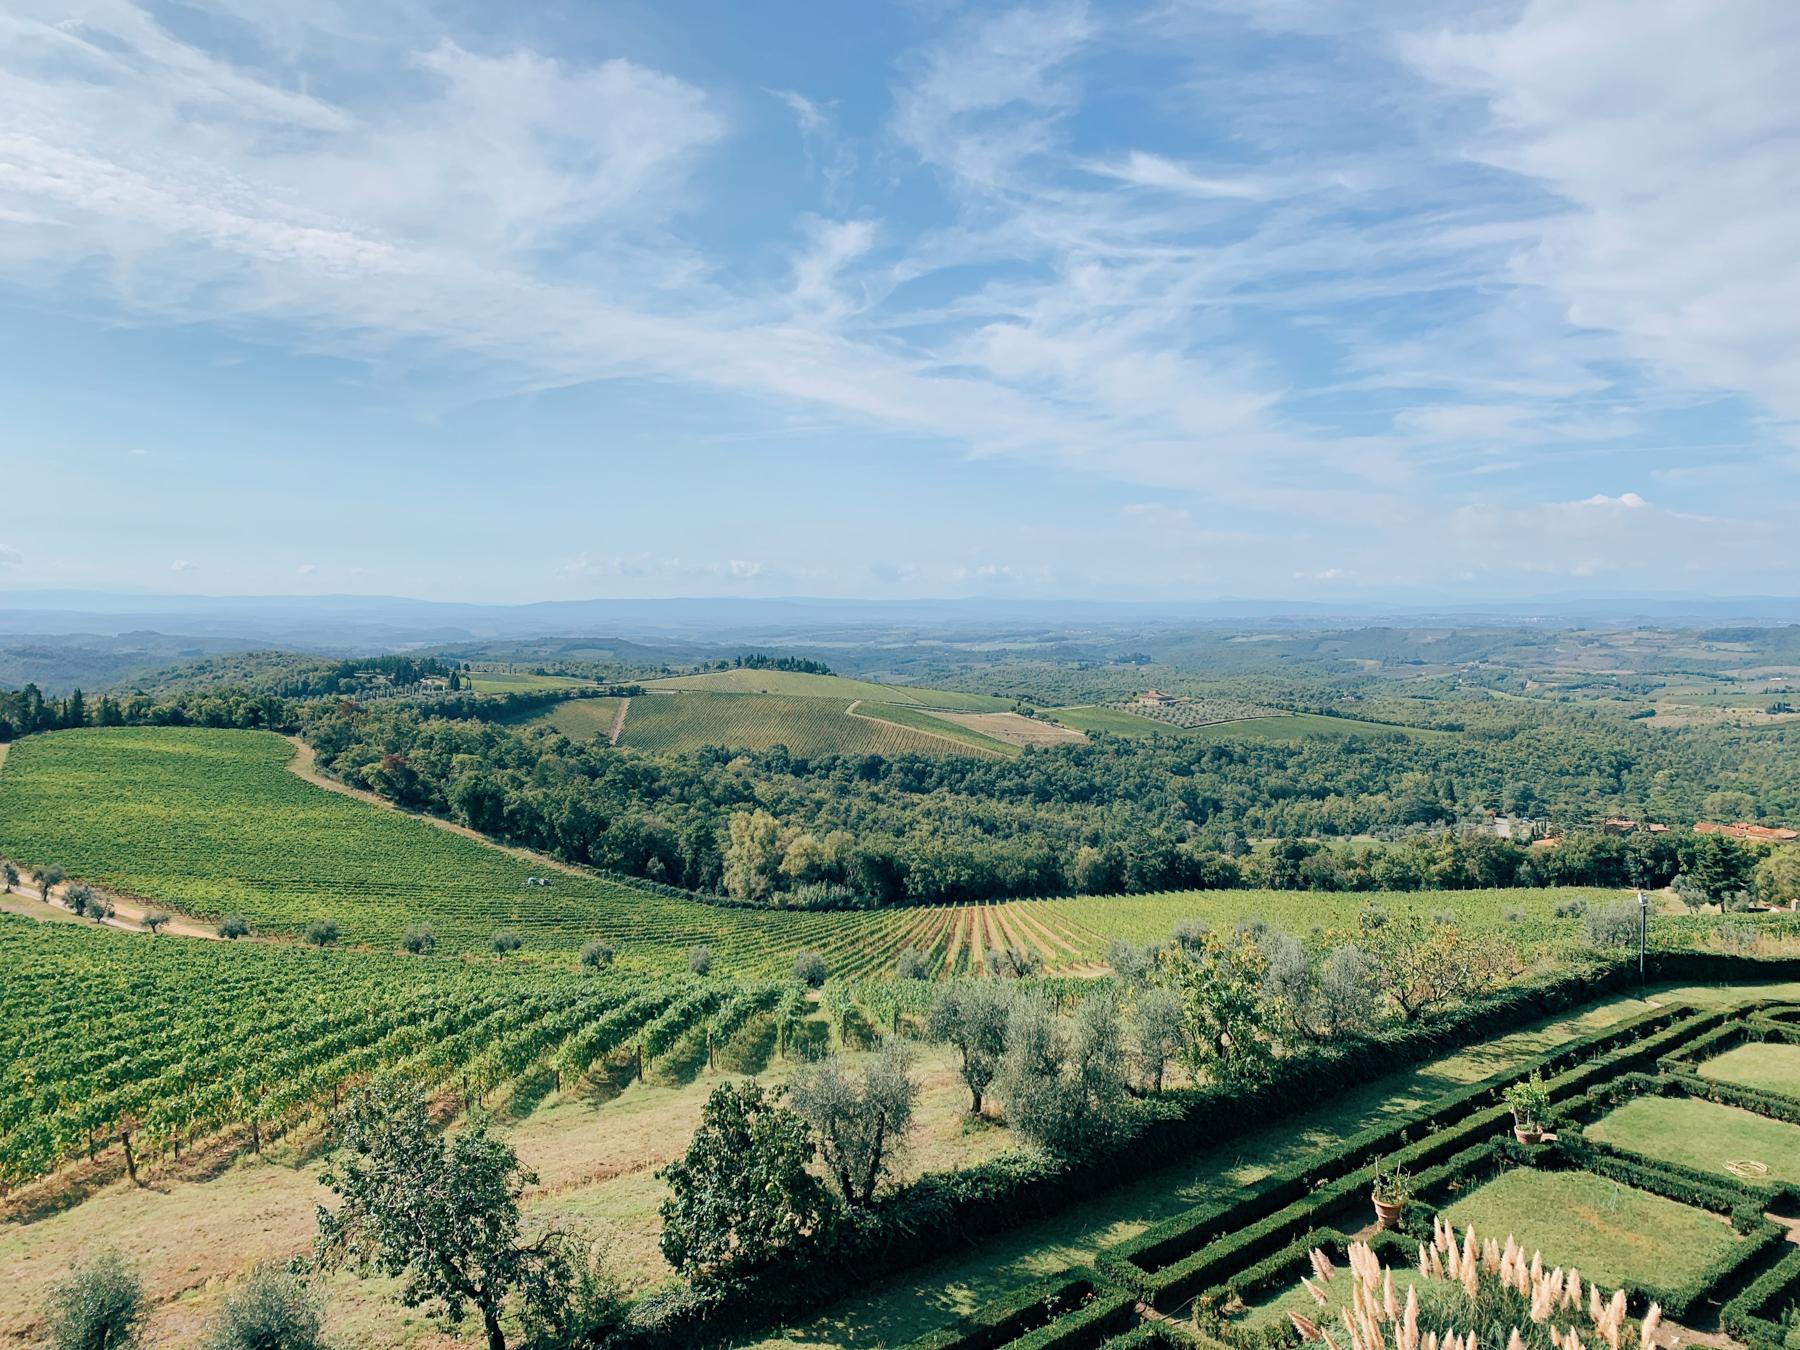 The view from Castello di Brolio.